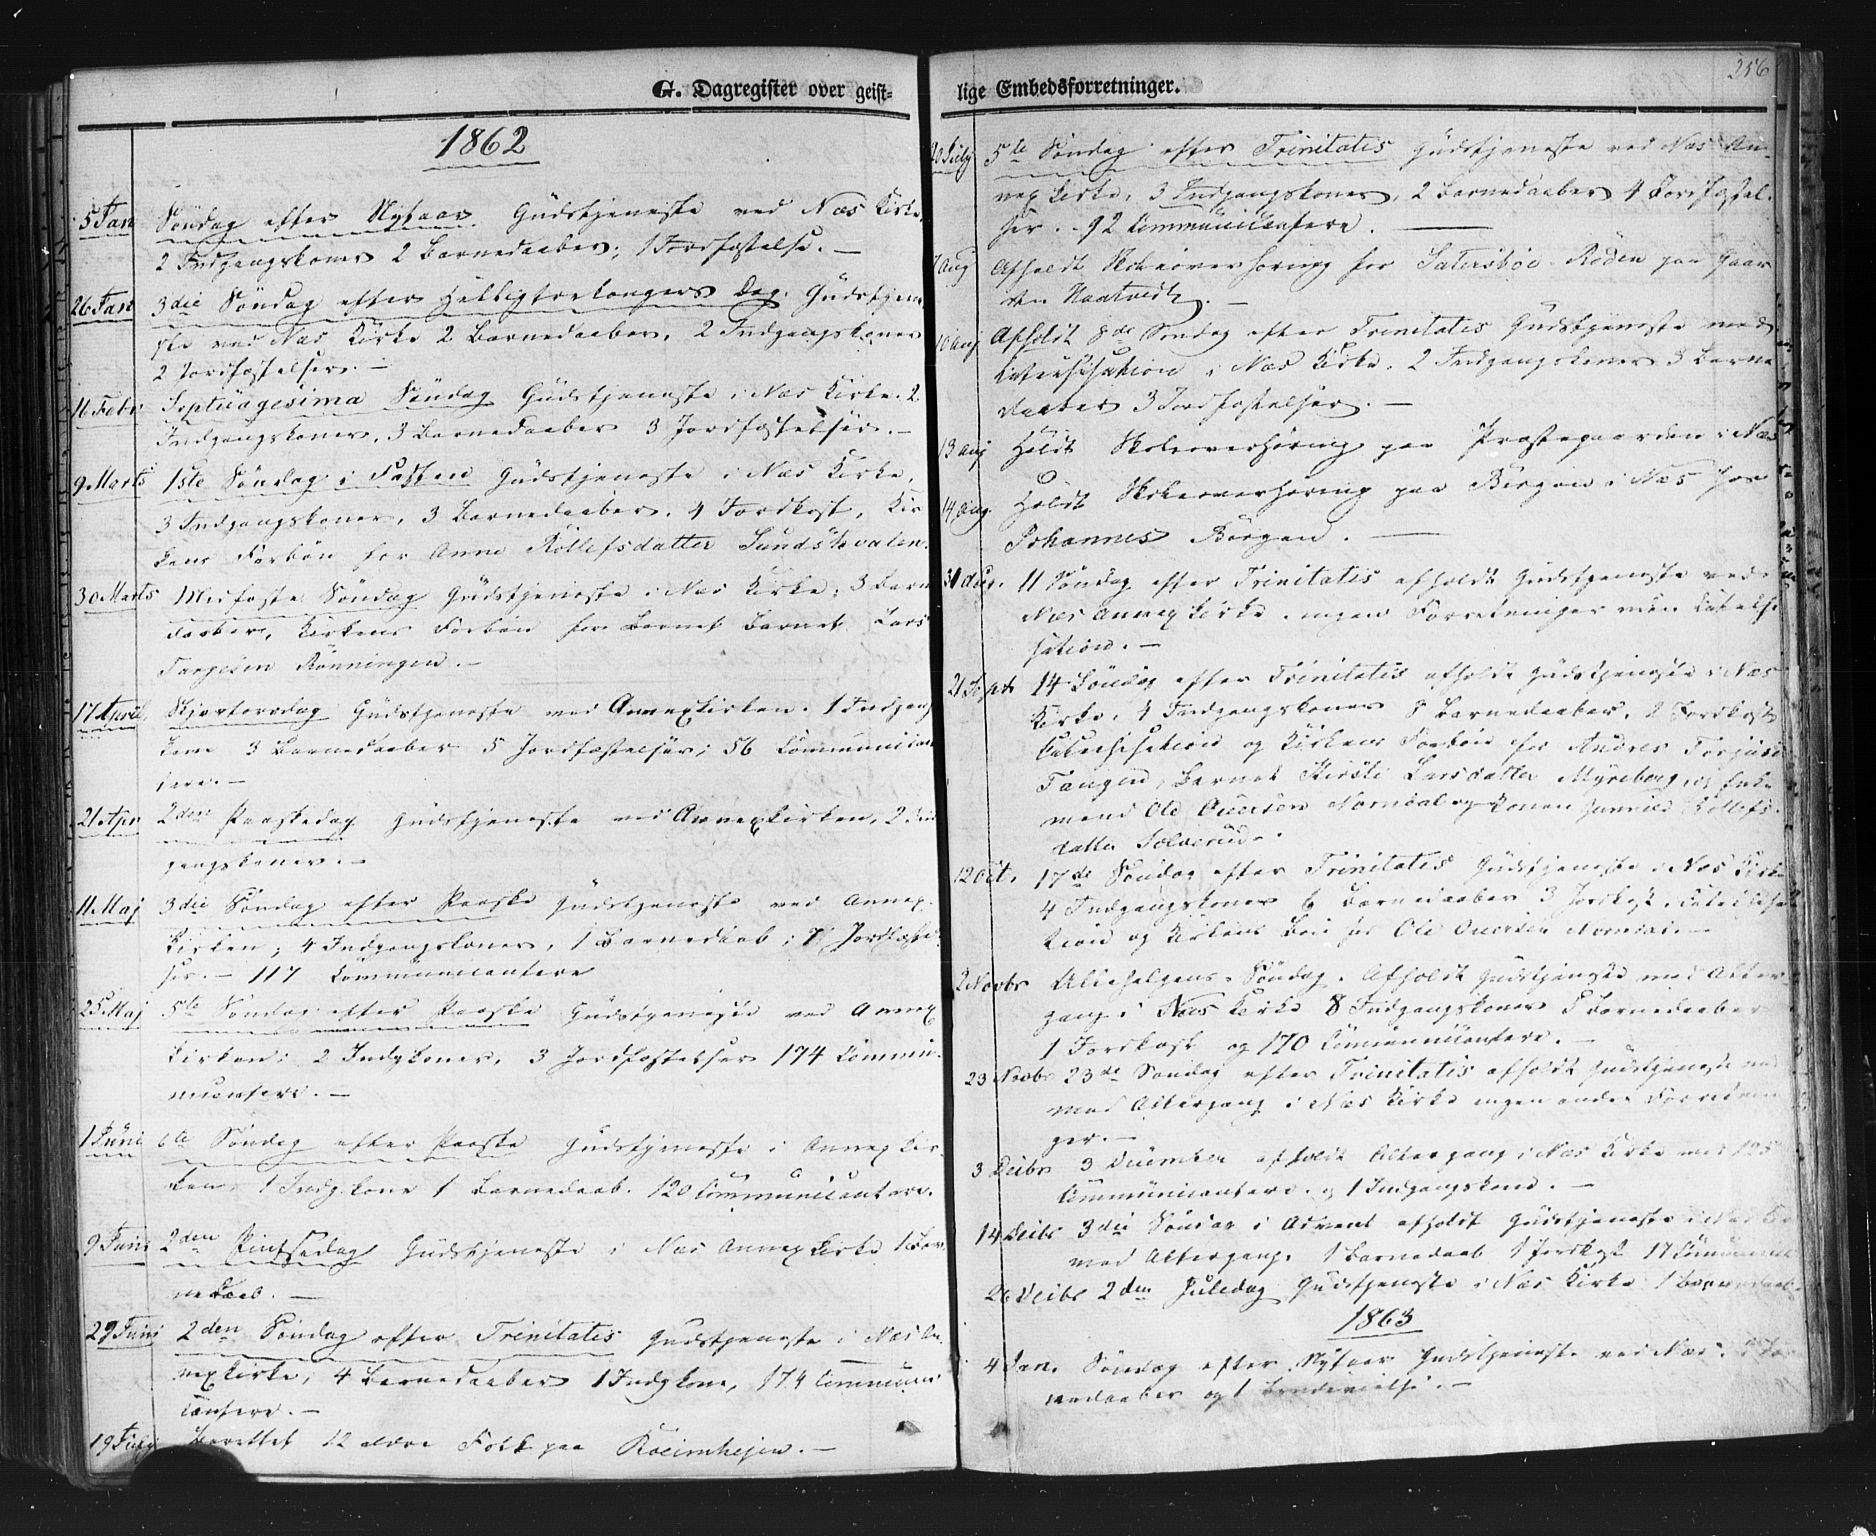 SAKO, Sauherad kirkebøker, F/Fb/L0001: Ministerialbok nr. II 1, 1851-1877, s. 256